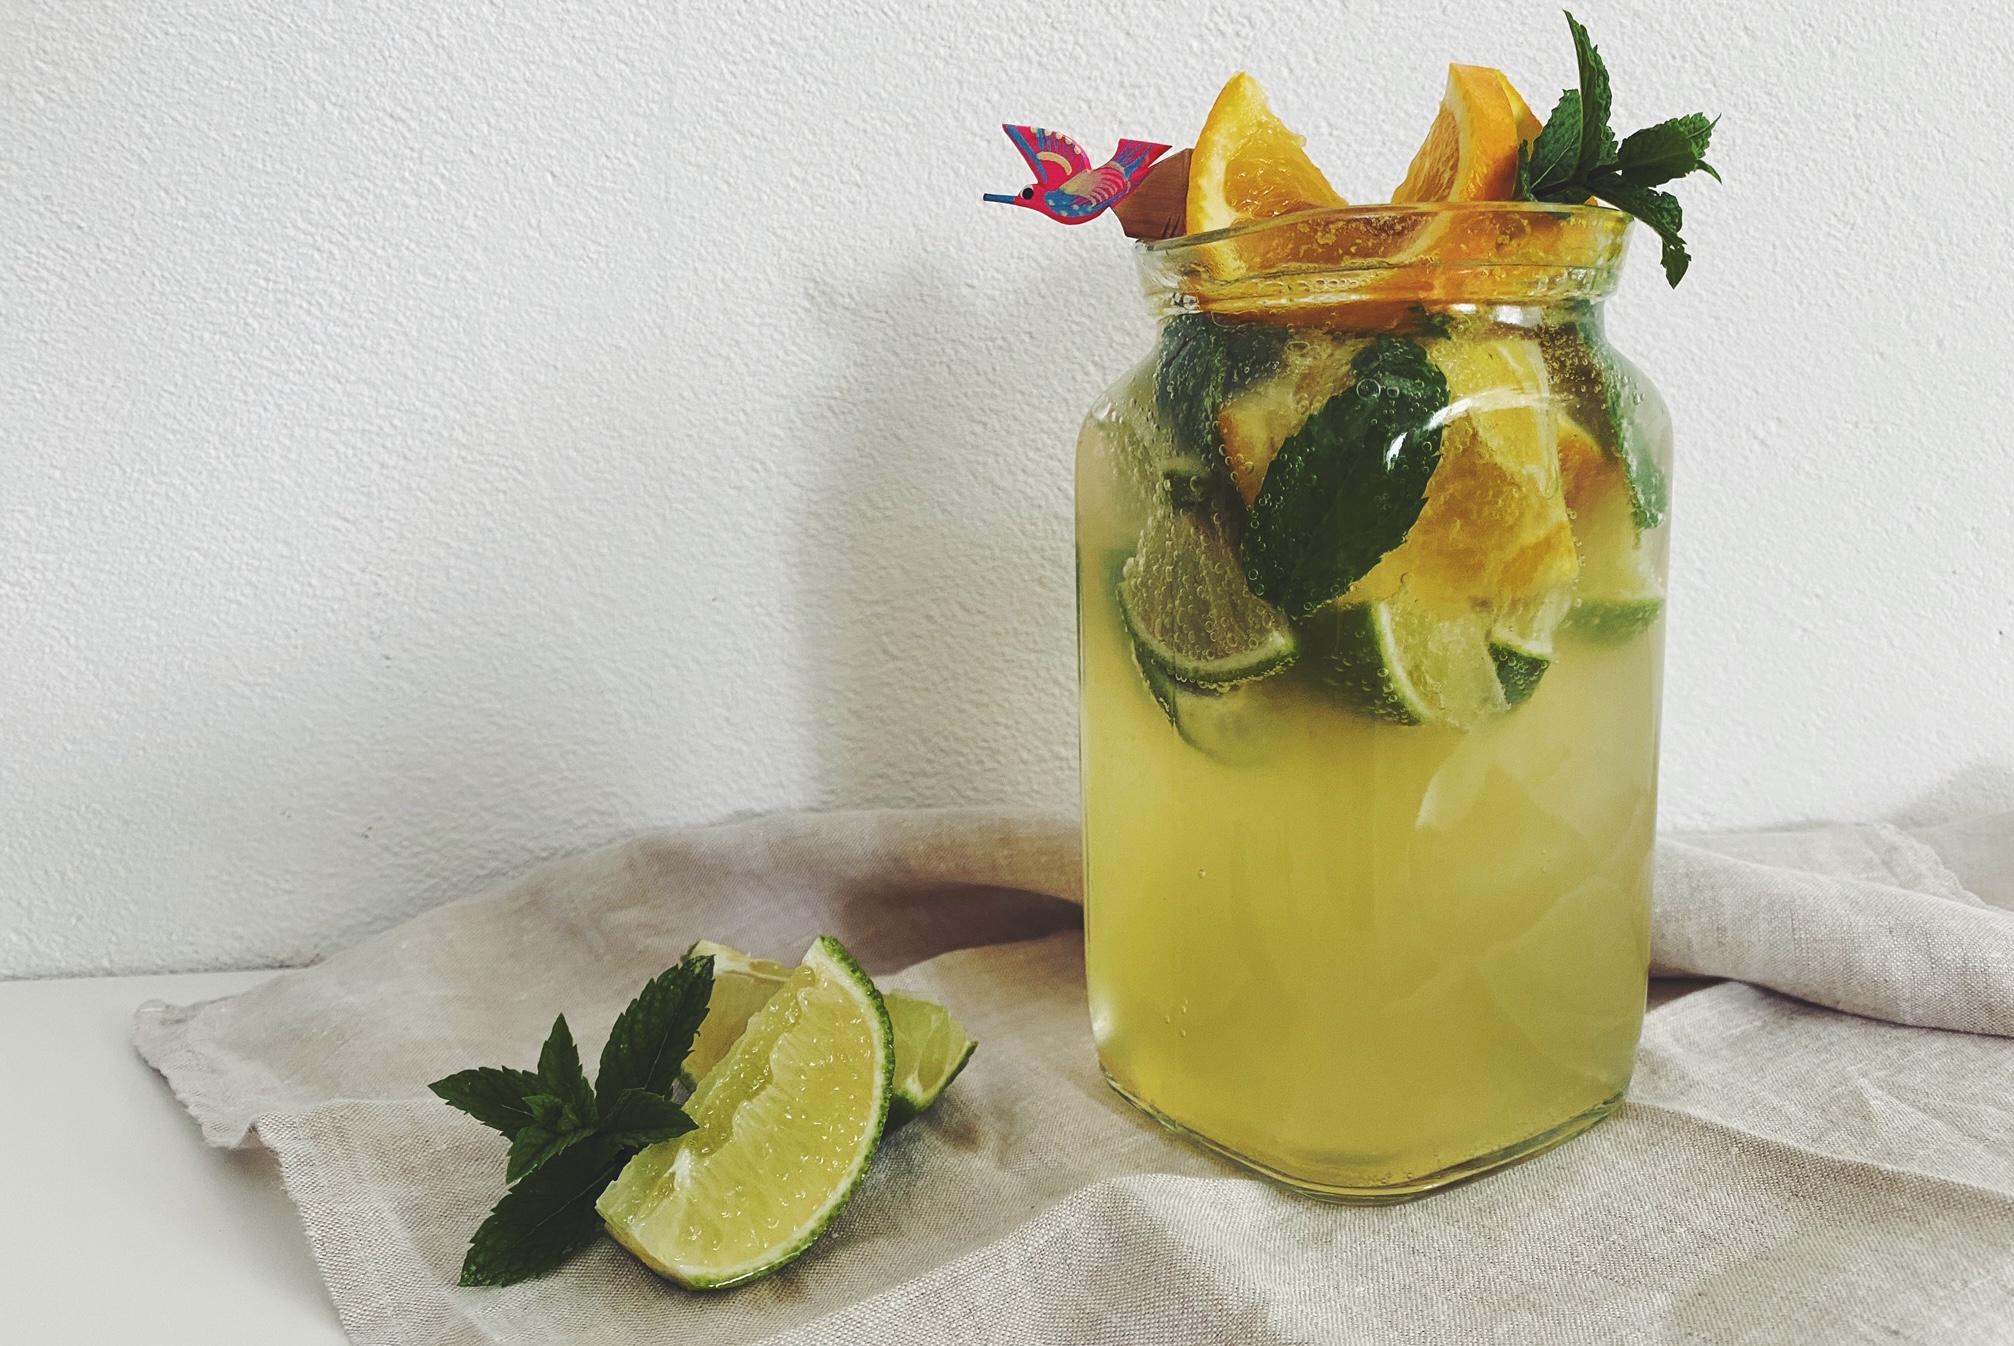 Schnelle ungarische Limonade mit Zitrusfrüchten